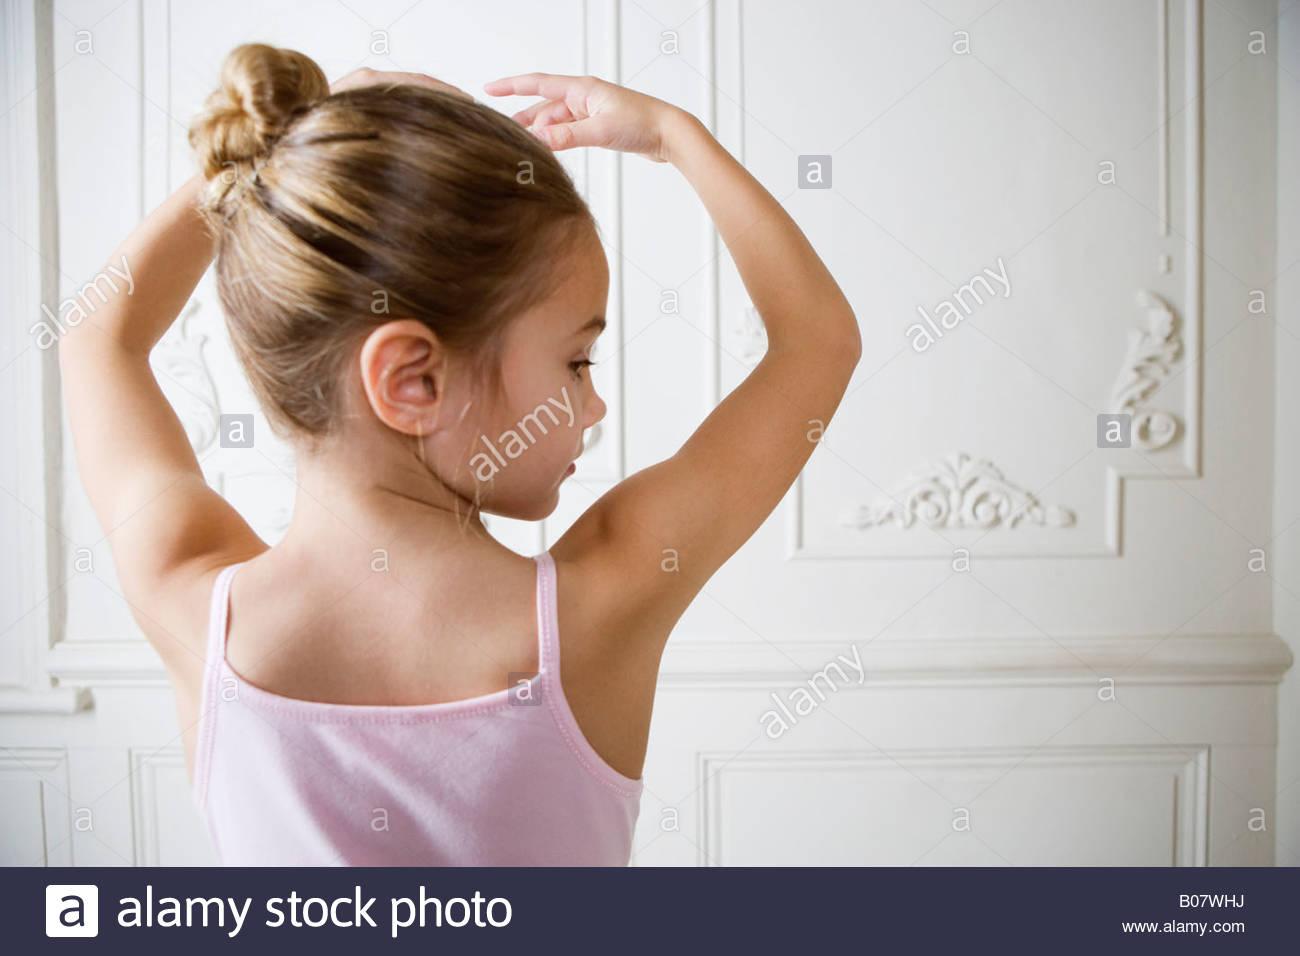 Ragazza giovane di eseguire un balletto spostare Immagini Stock